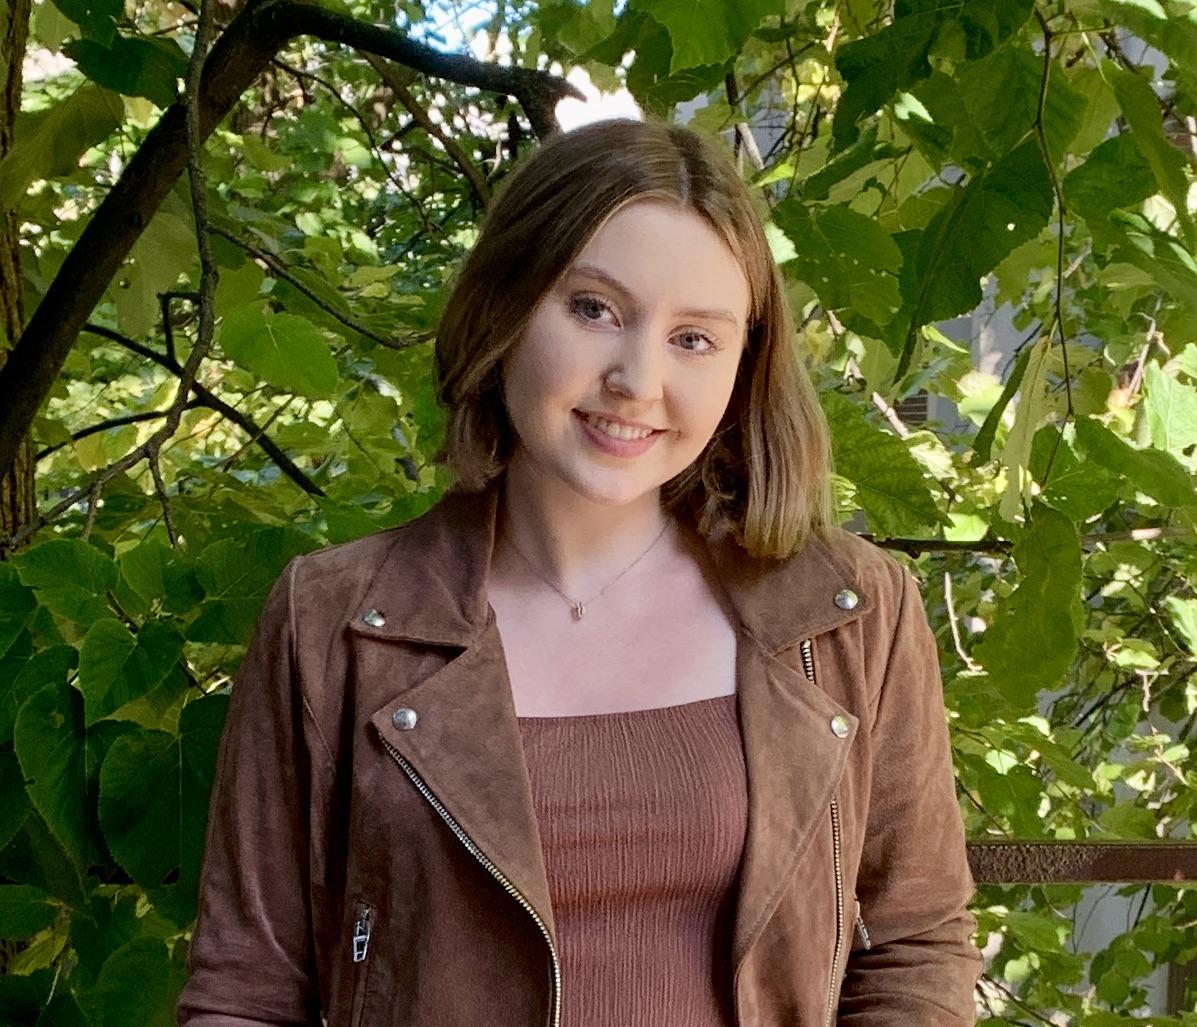 Carleton University's Rachel Watts named the 2021 Fraser MacDougall Prize winner